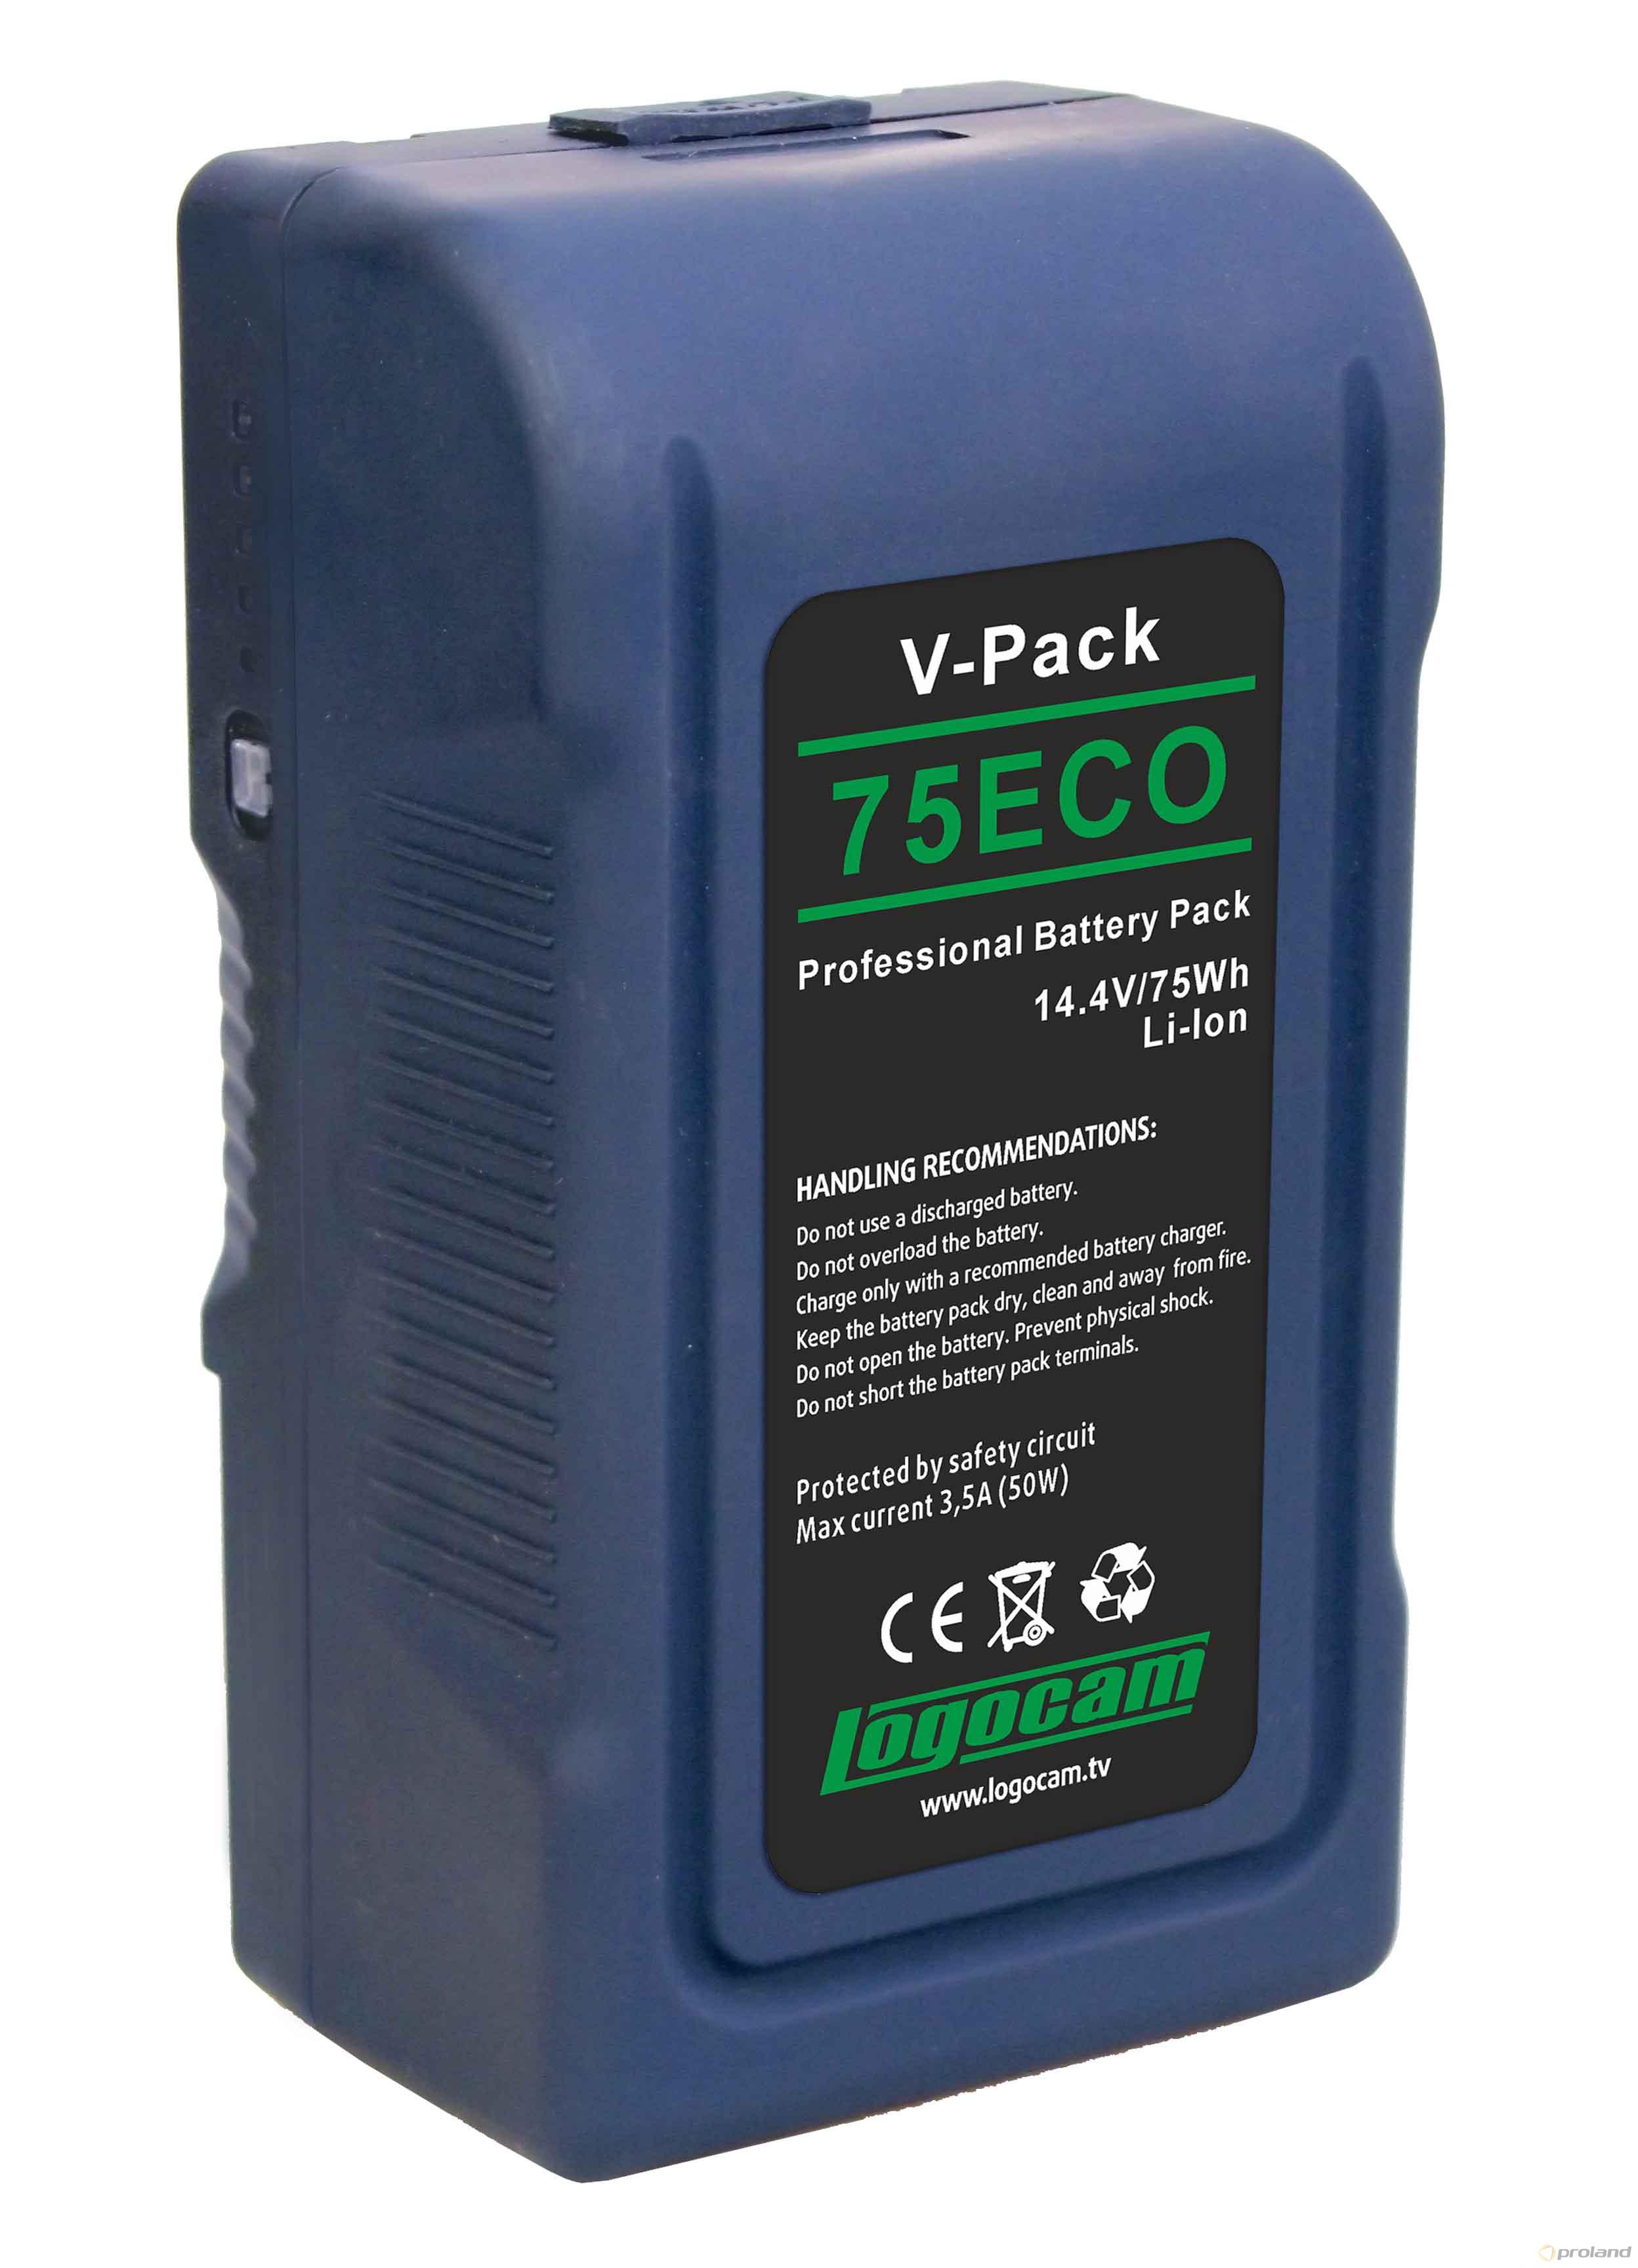 Logocam V-Pack 75 ECO